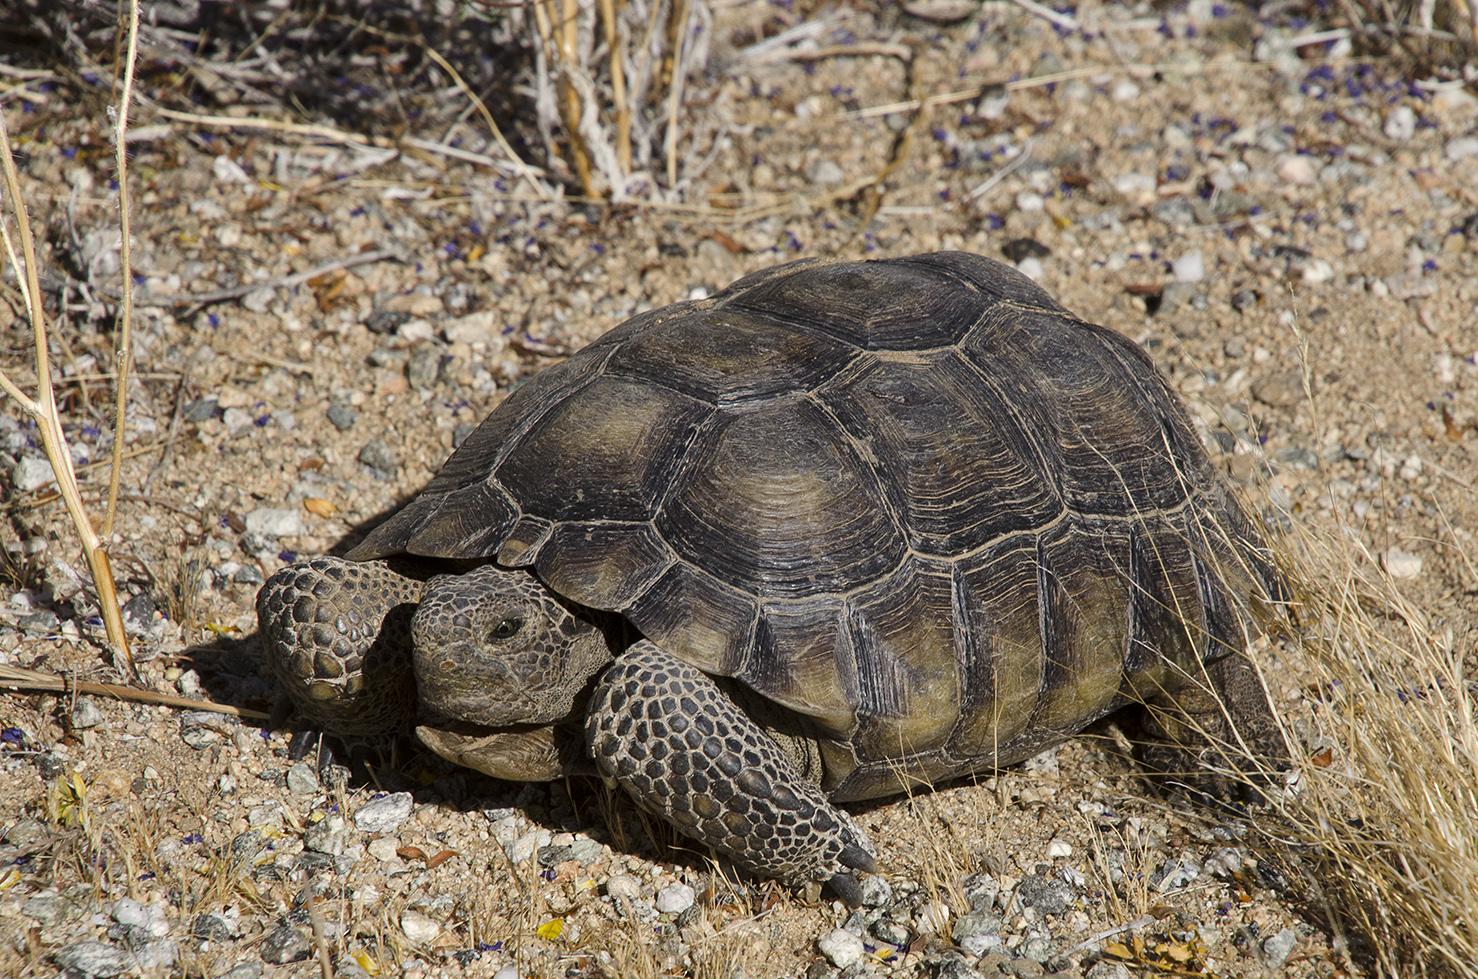 Joshua Tree National Park 001 Desert Tortoise.jpg